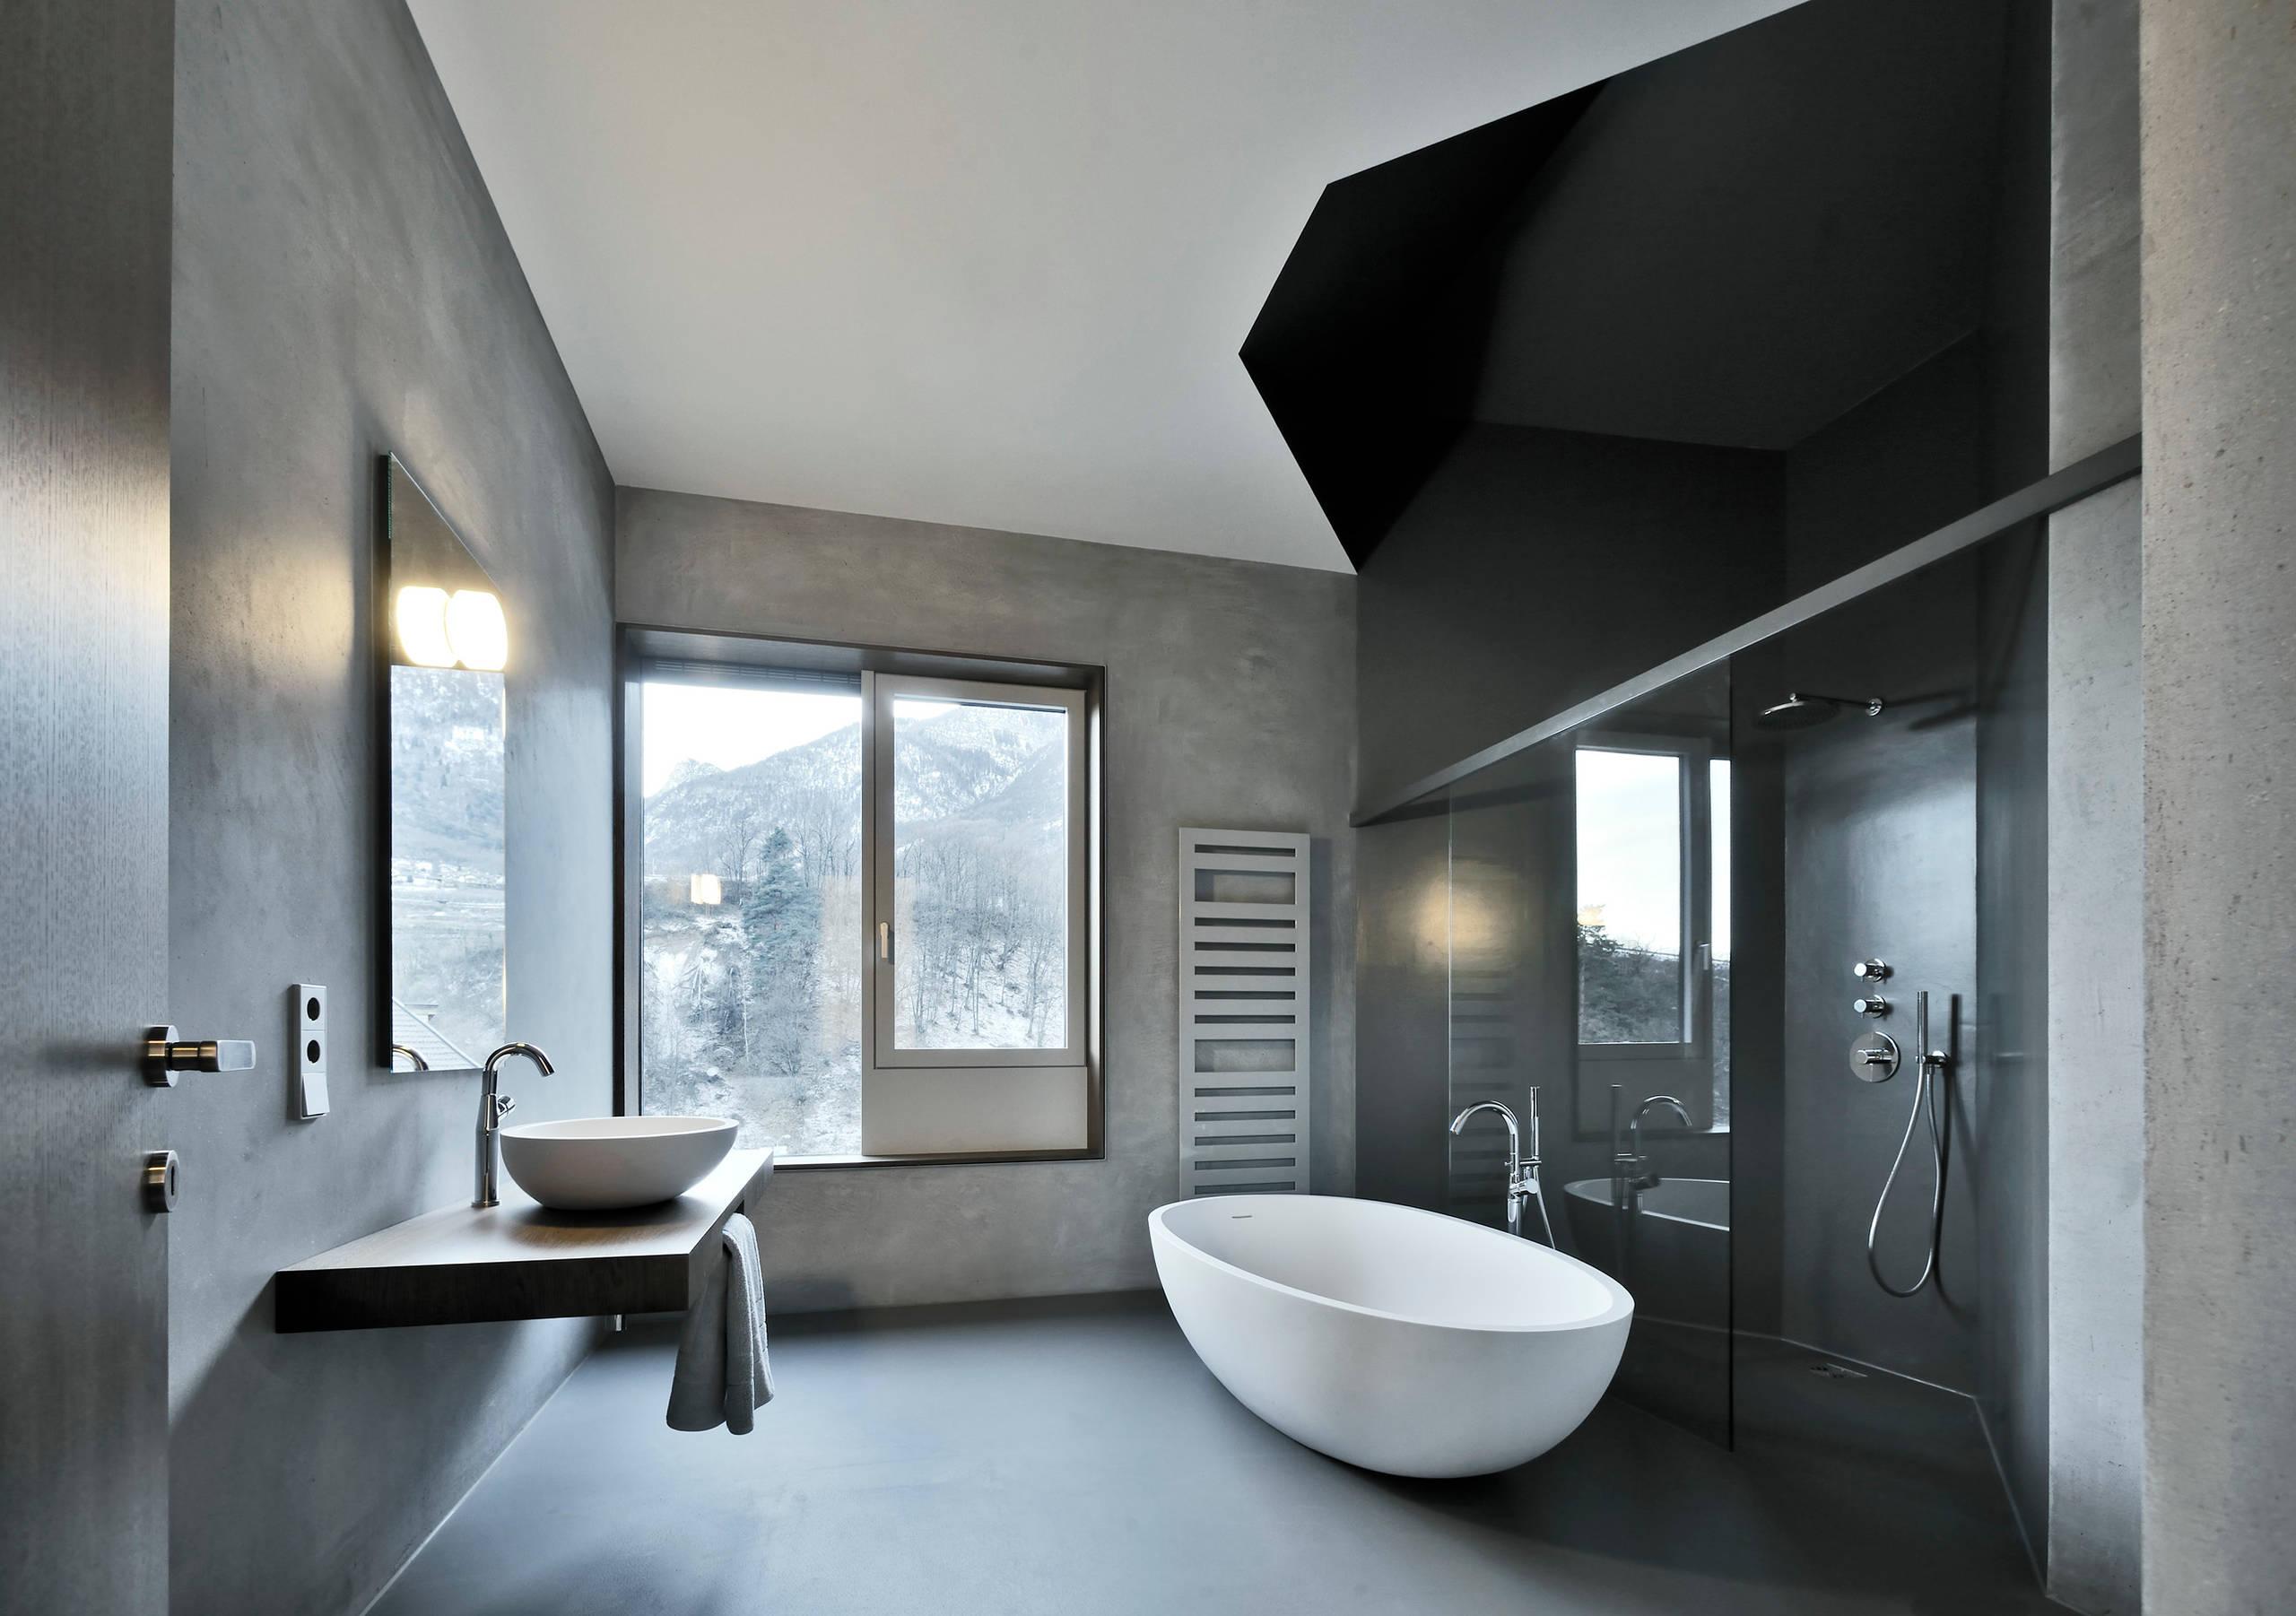 title | Bathroom interior design